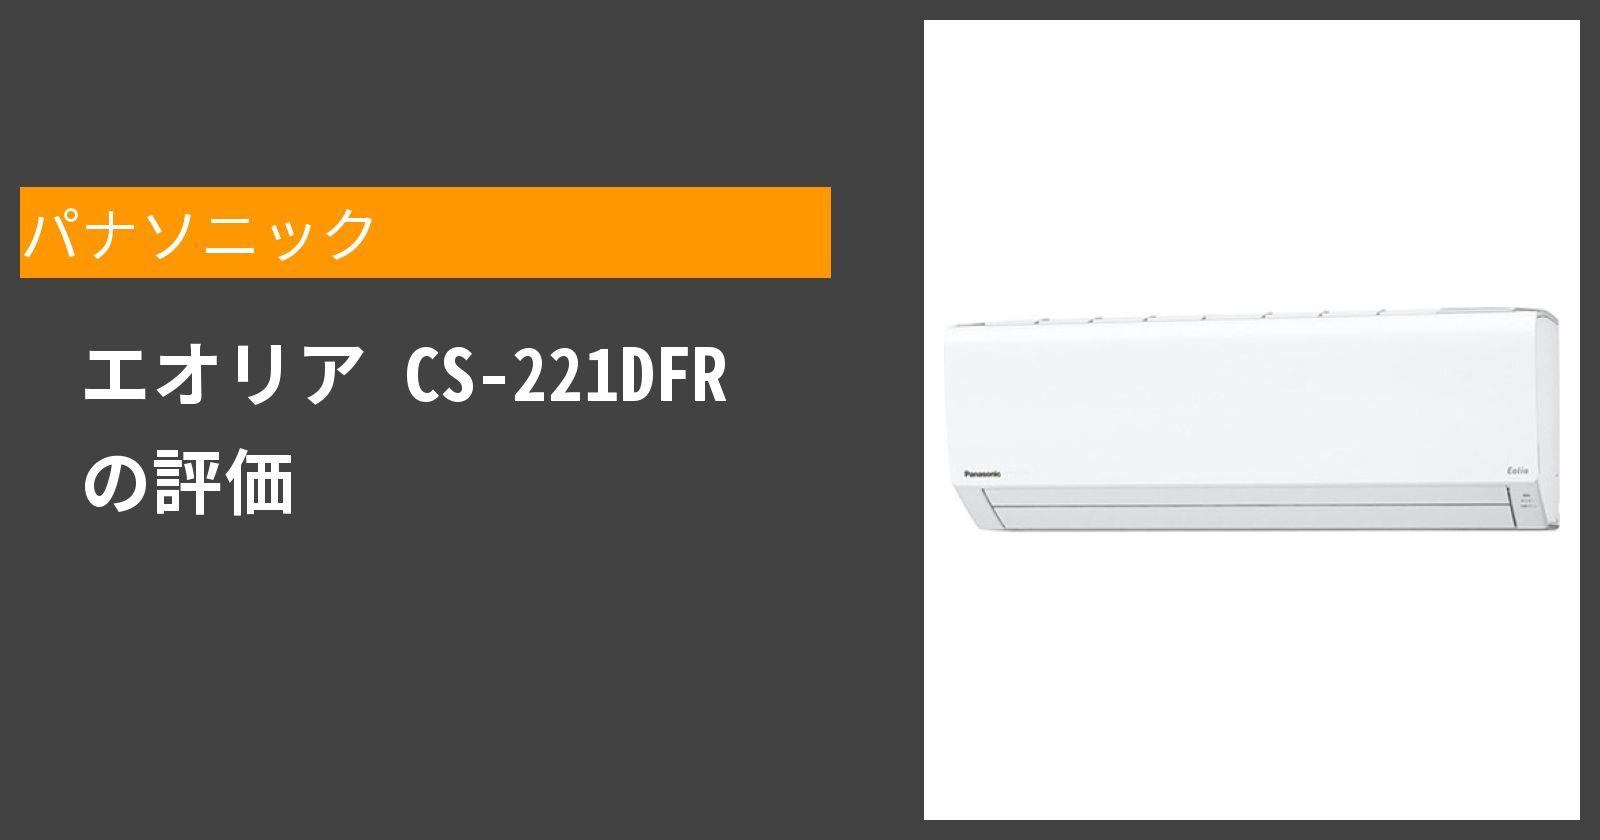 エオリア CS-221DFRを徹底評価